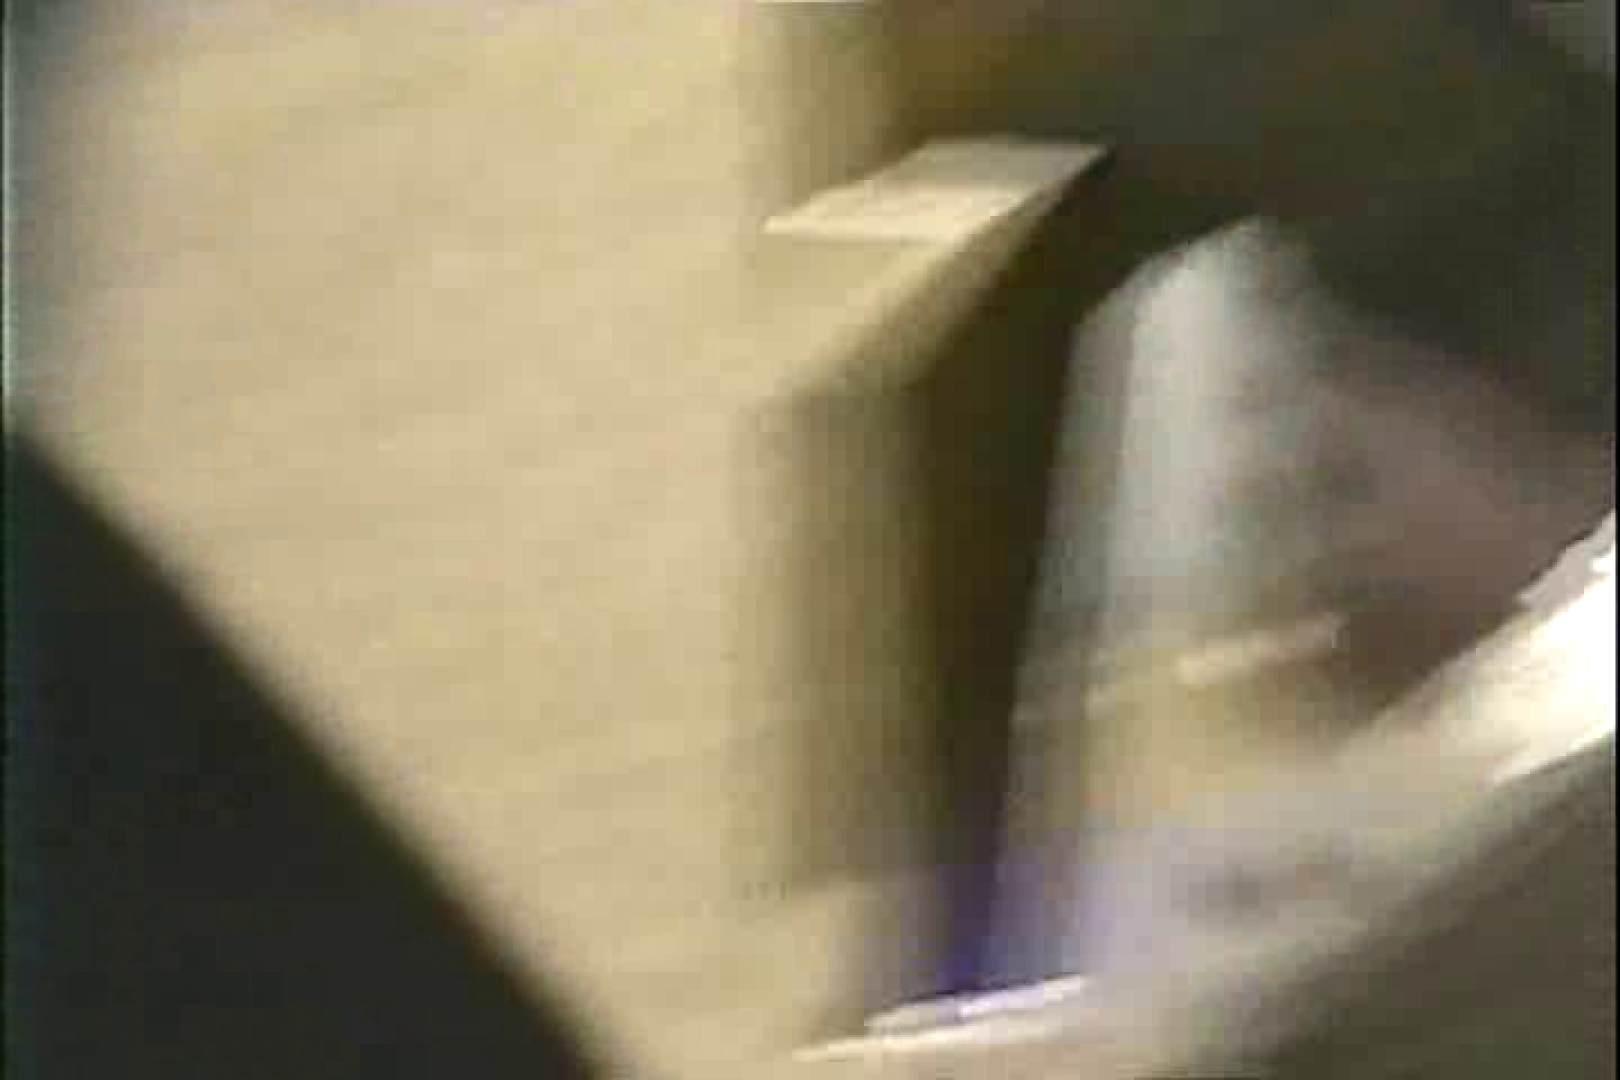 「ちくりん」さんのオリジナル未編集パンチラVol.3_01 レースクイーン  62枚 32